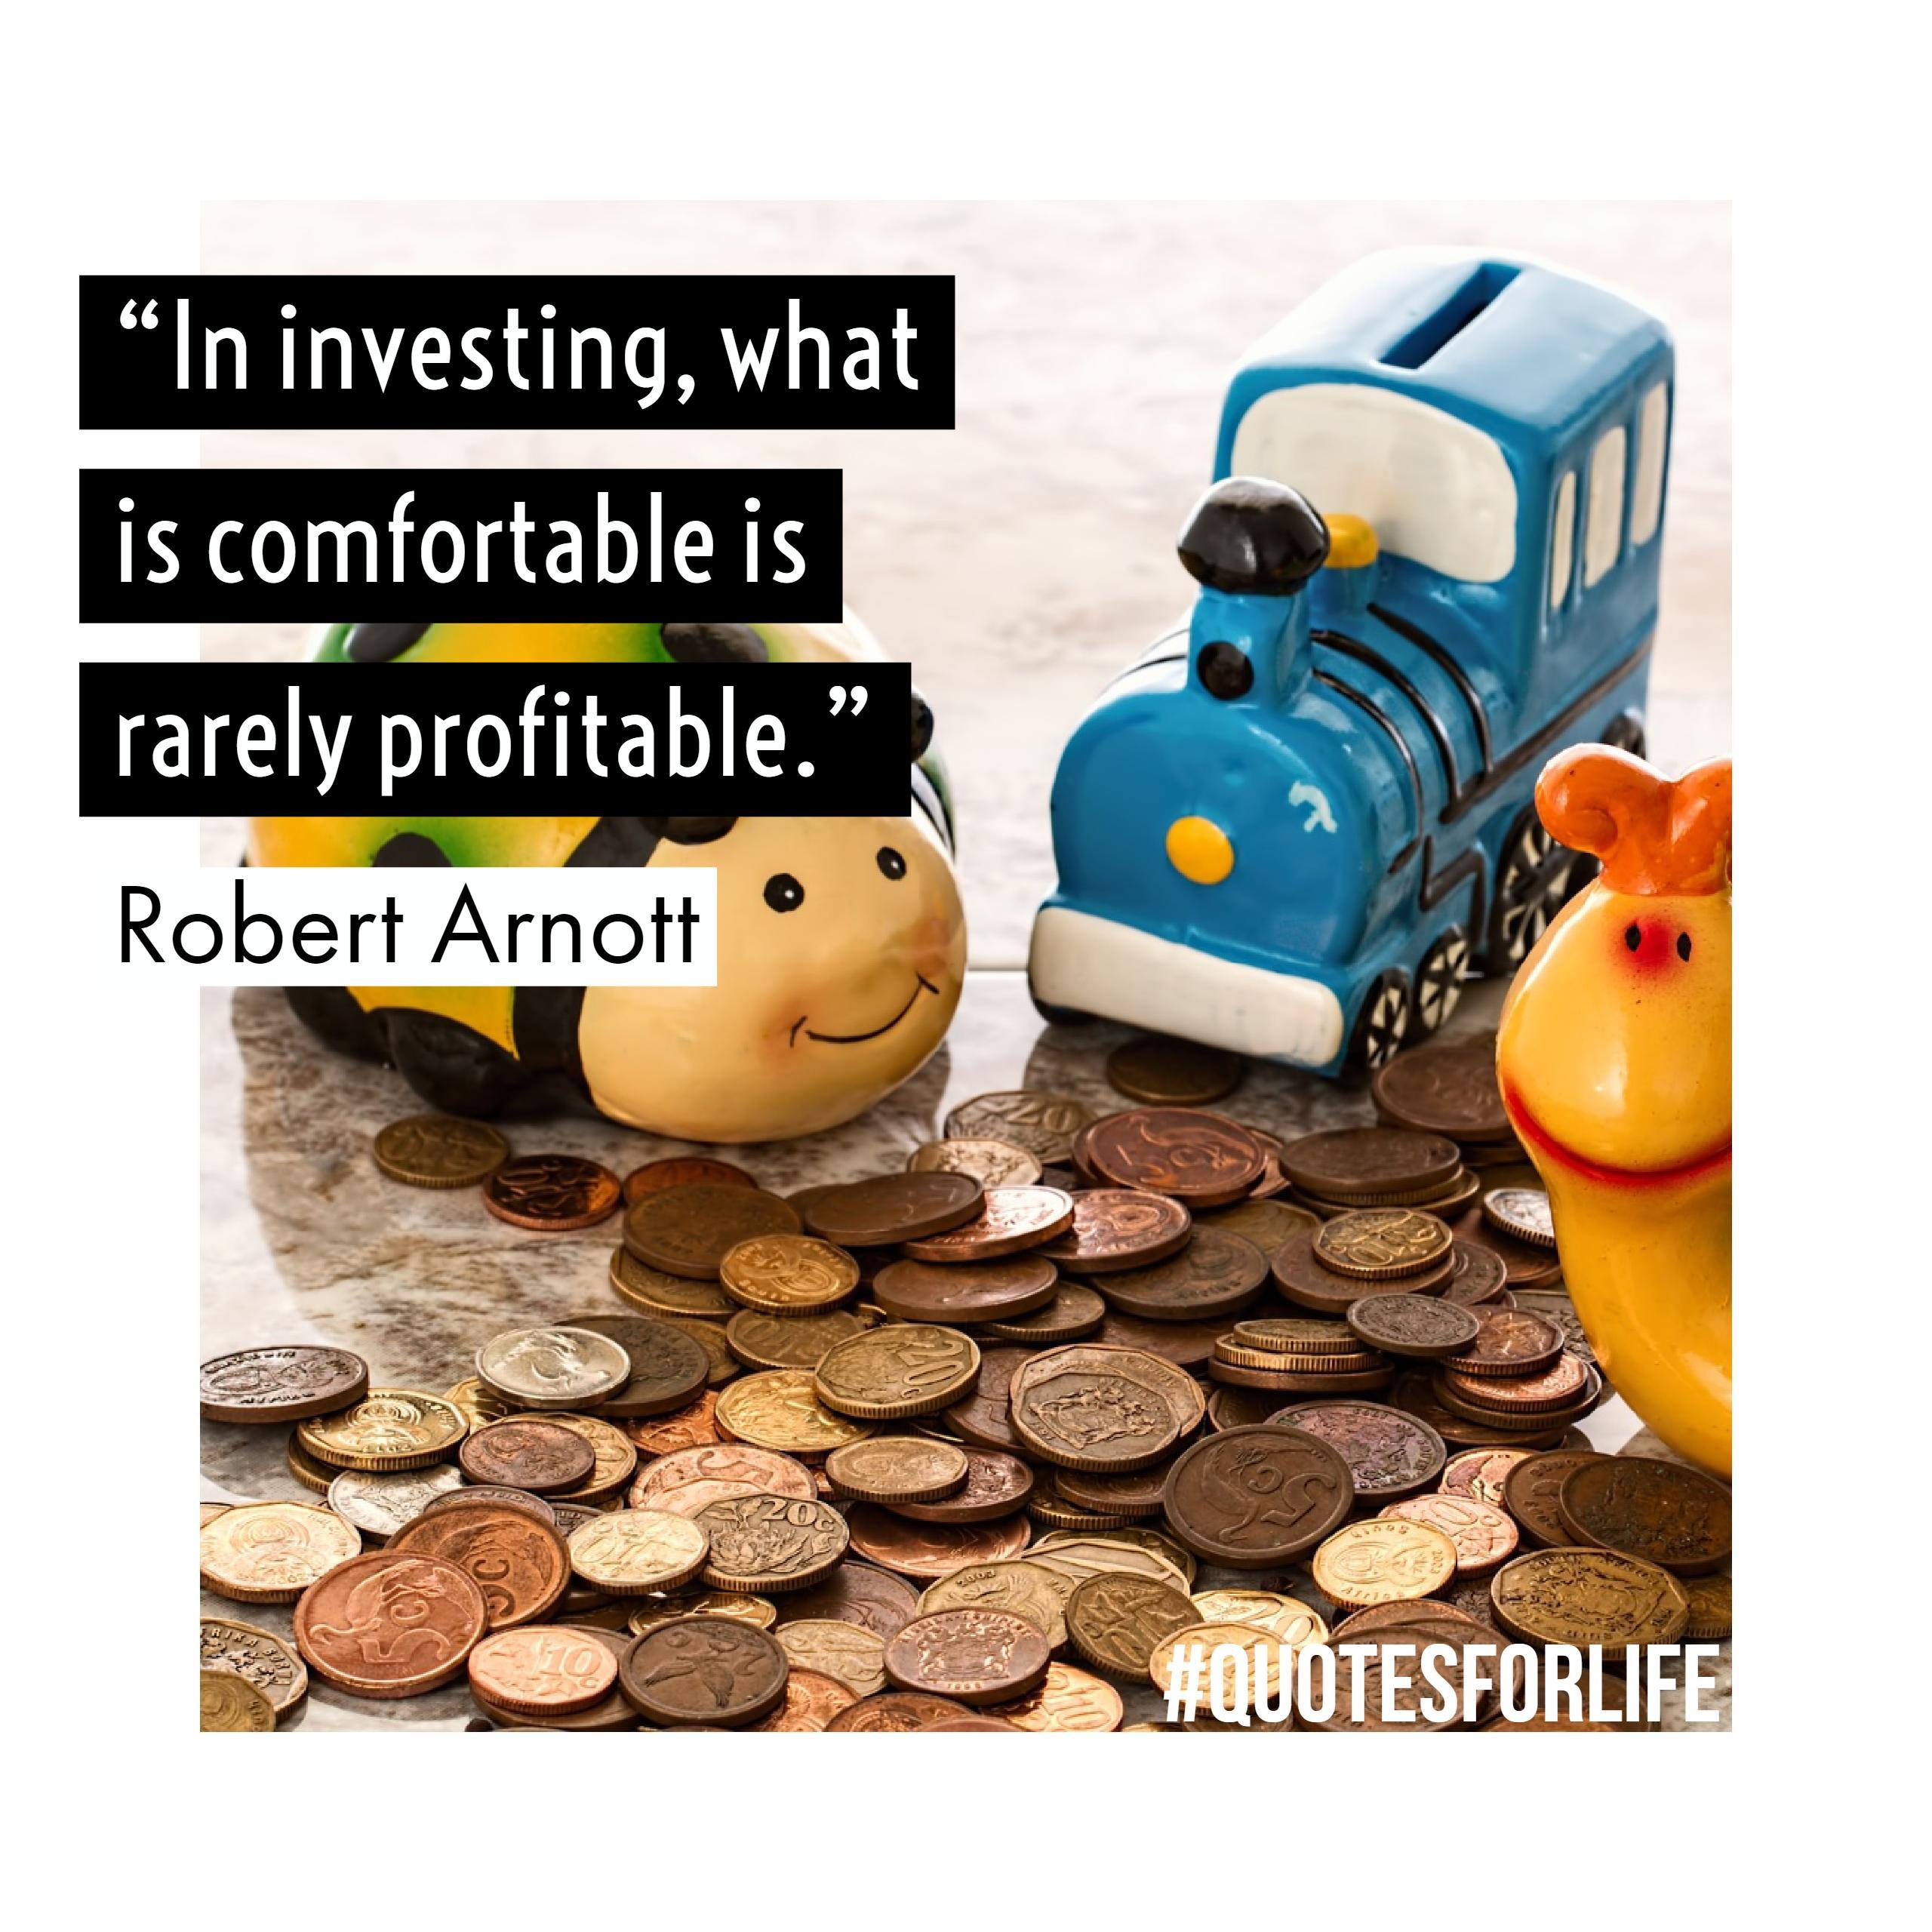 Robert Arnott